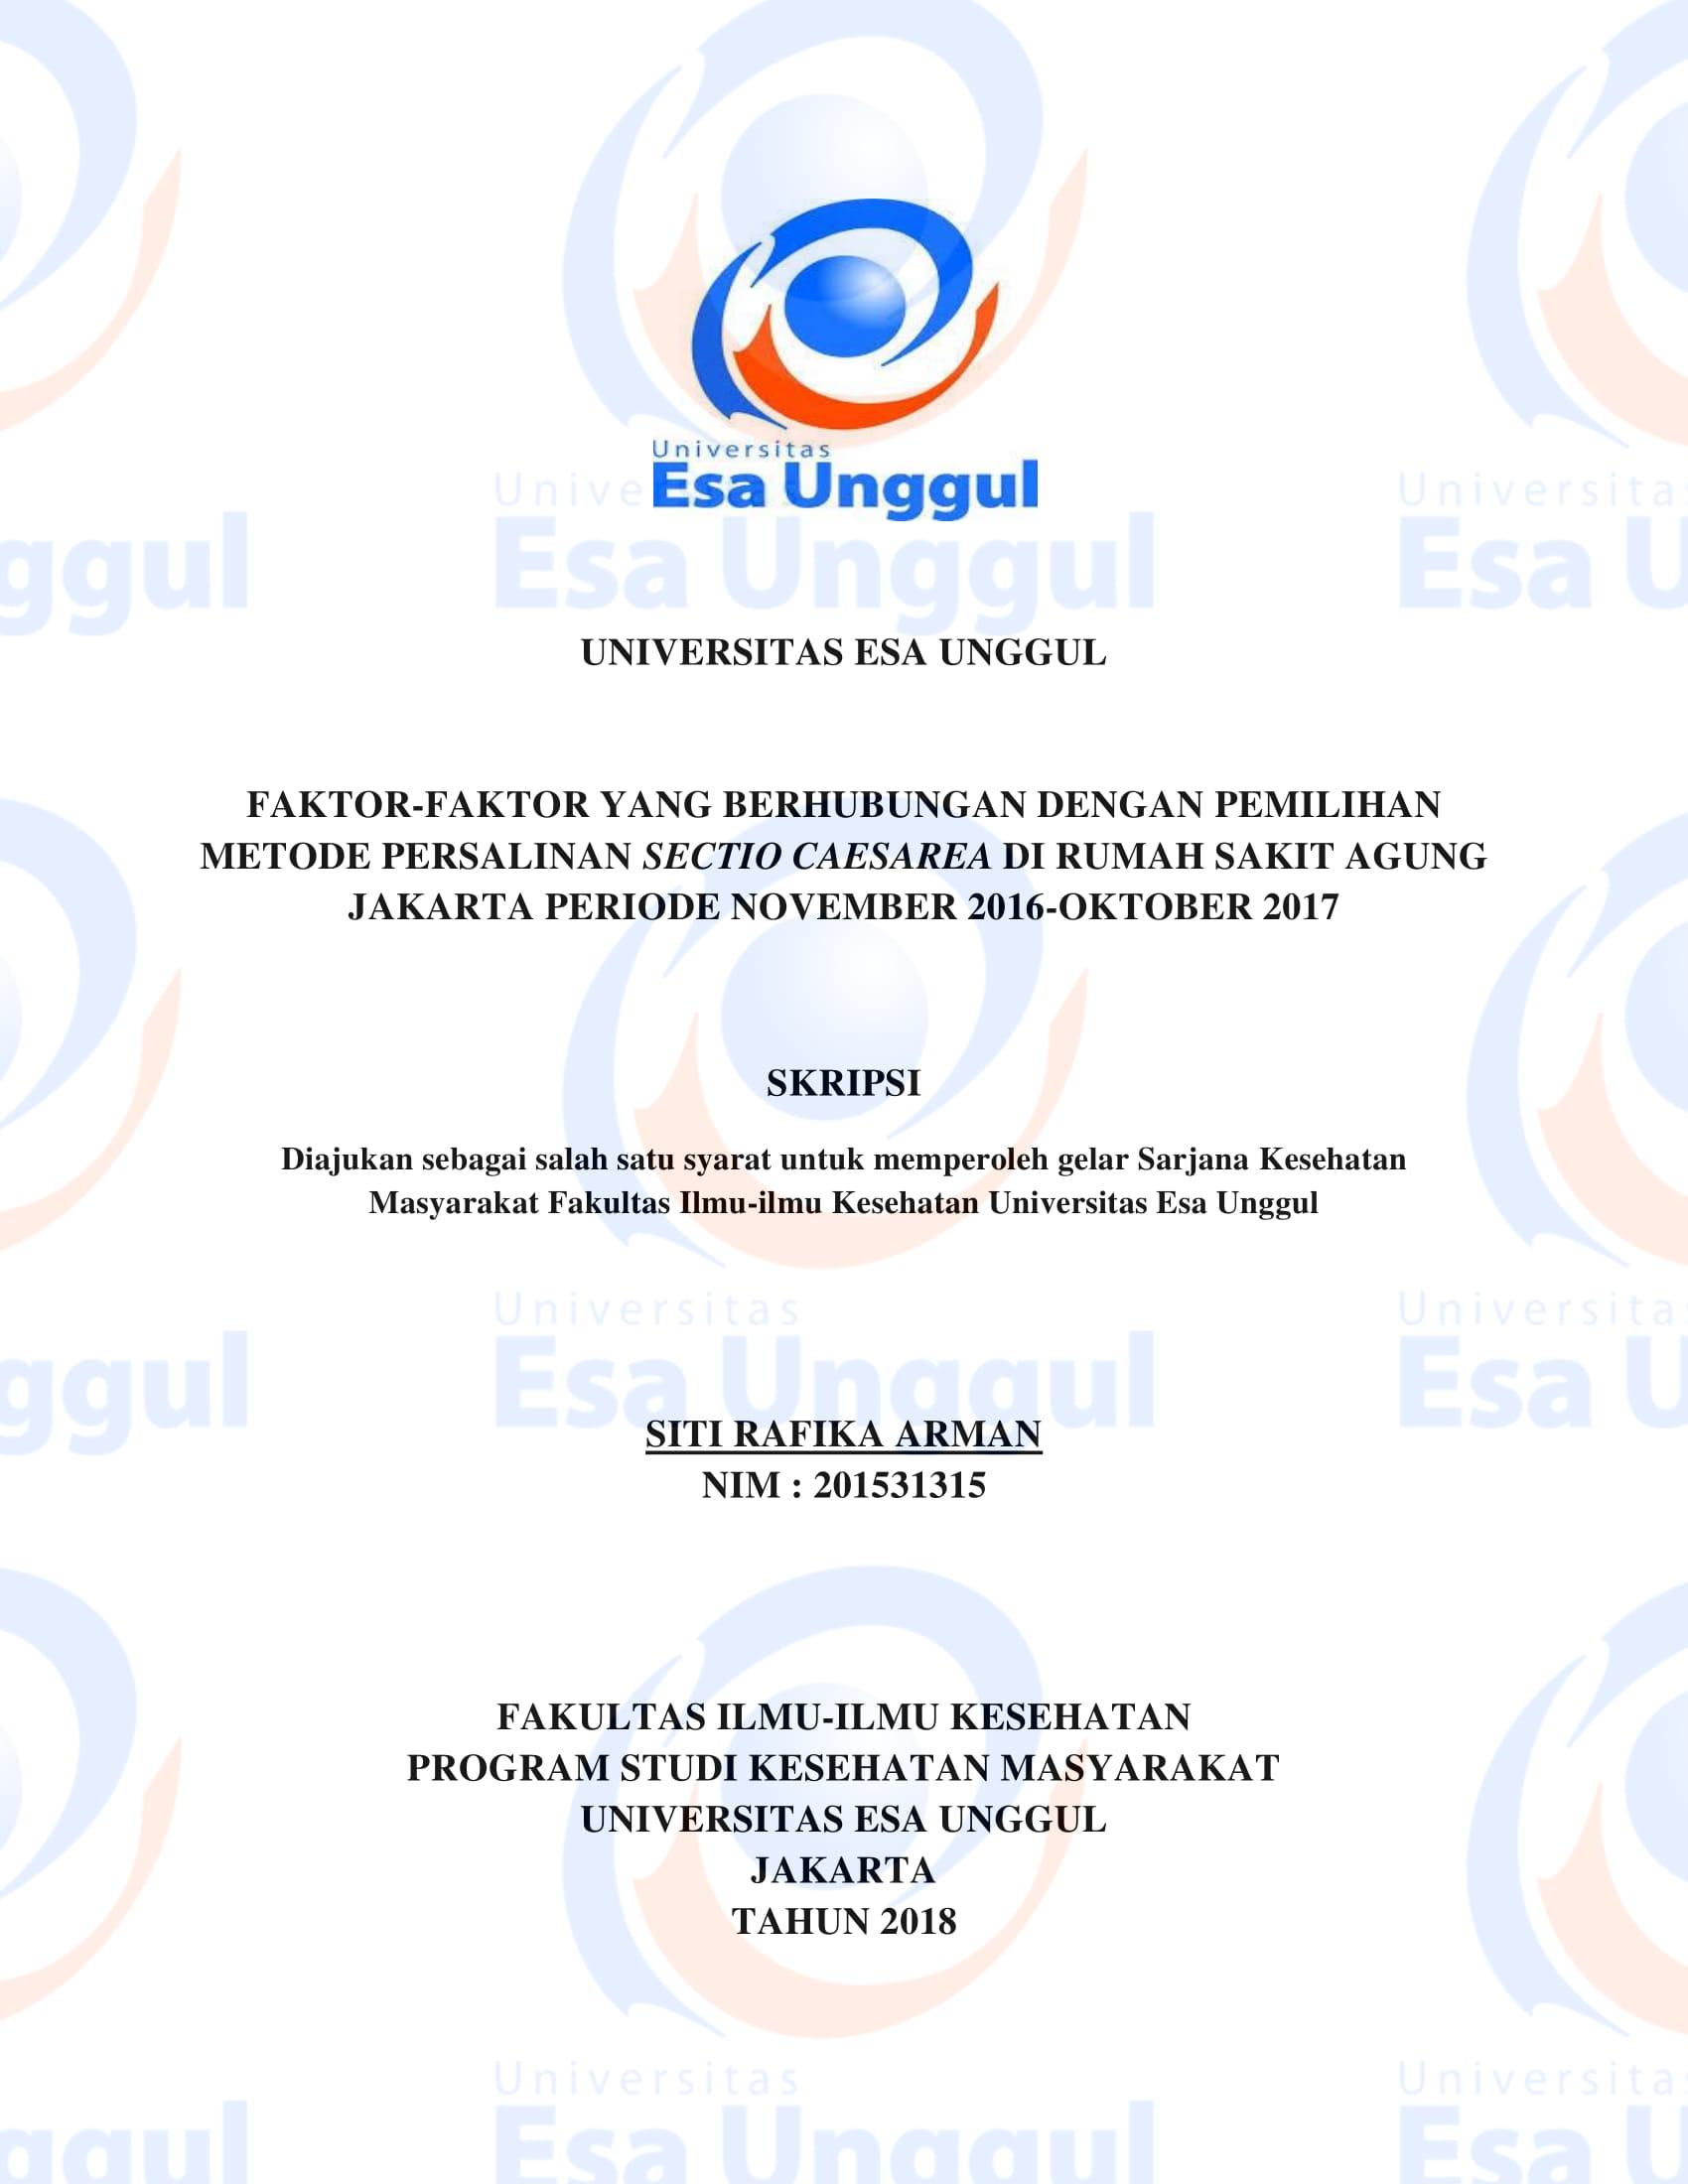 Faktor-faktor yang Berhubungan dengan Pemilihan Metode Persalinan Sectio Caesarea di Rumah Sakit Agung Jakarta Periode November 2016 – Oktober 2017